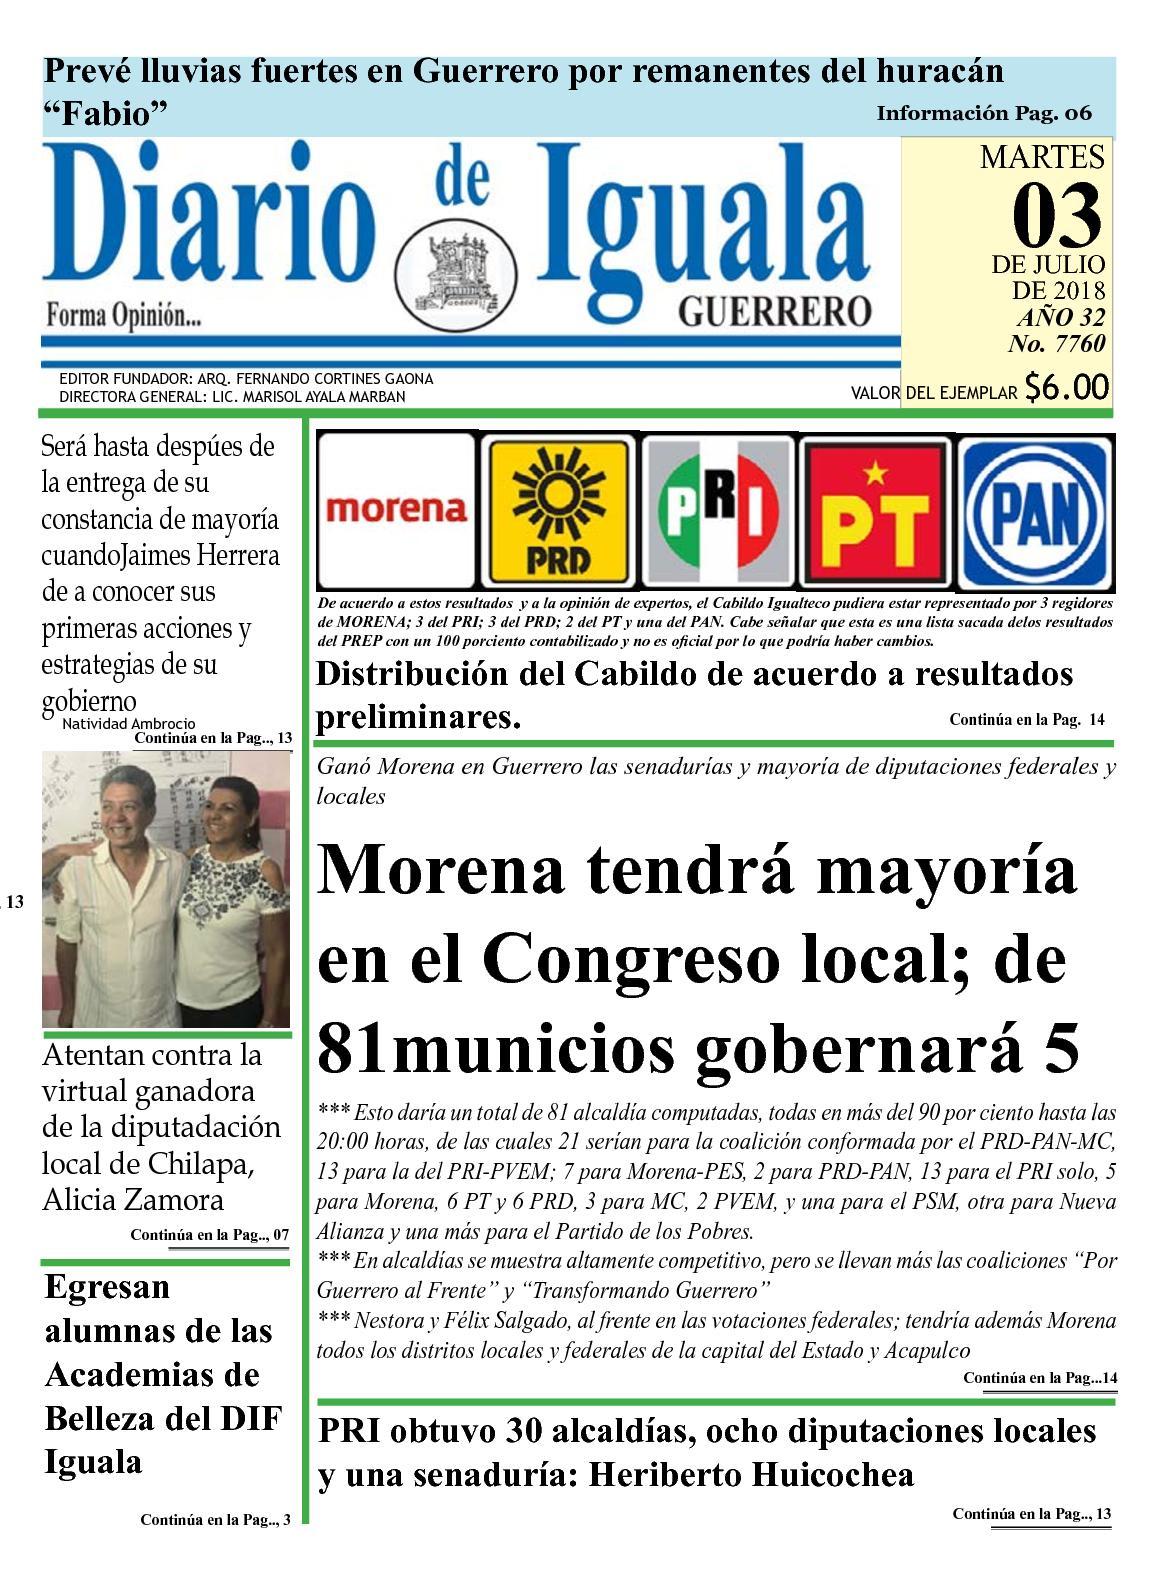 Calaméo Martes 03 De Julio De 2018 Diario De Iguala